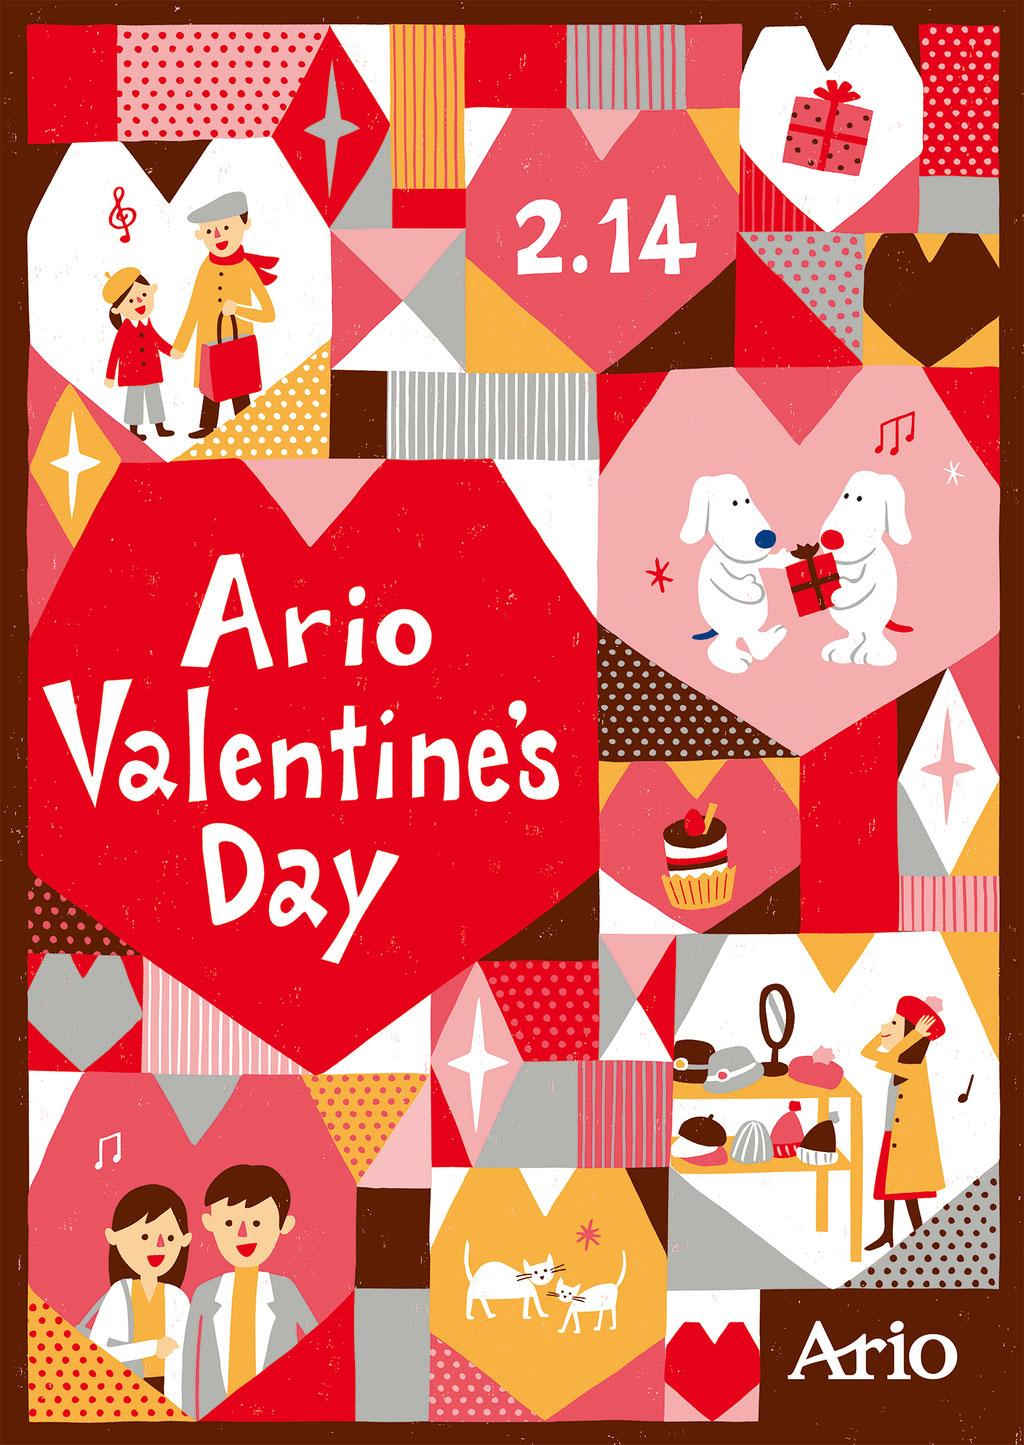 アリオ「バレンタイン」キャンペーン